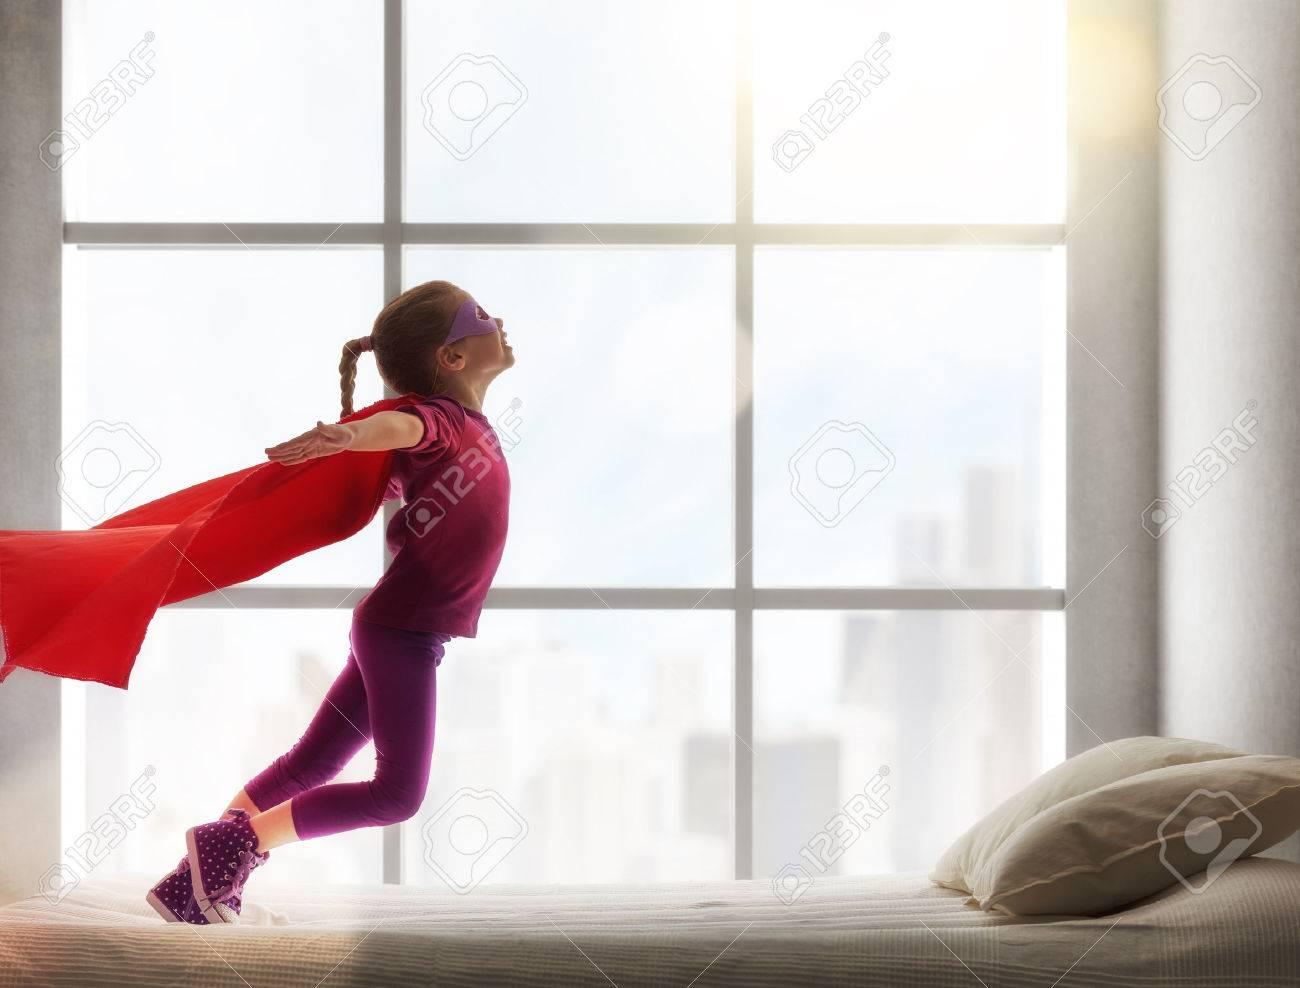 Kinder Madchen In Einem Kostum Spielt Das Kind Das Spass Und